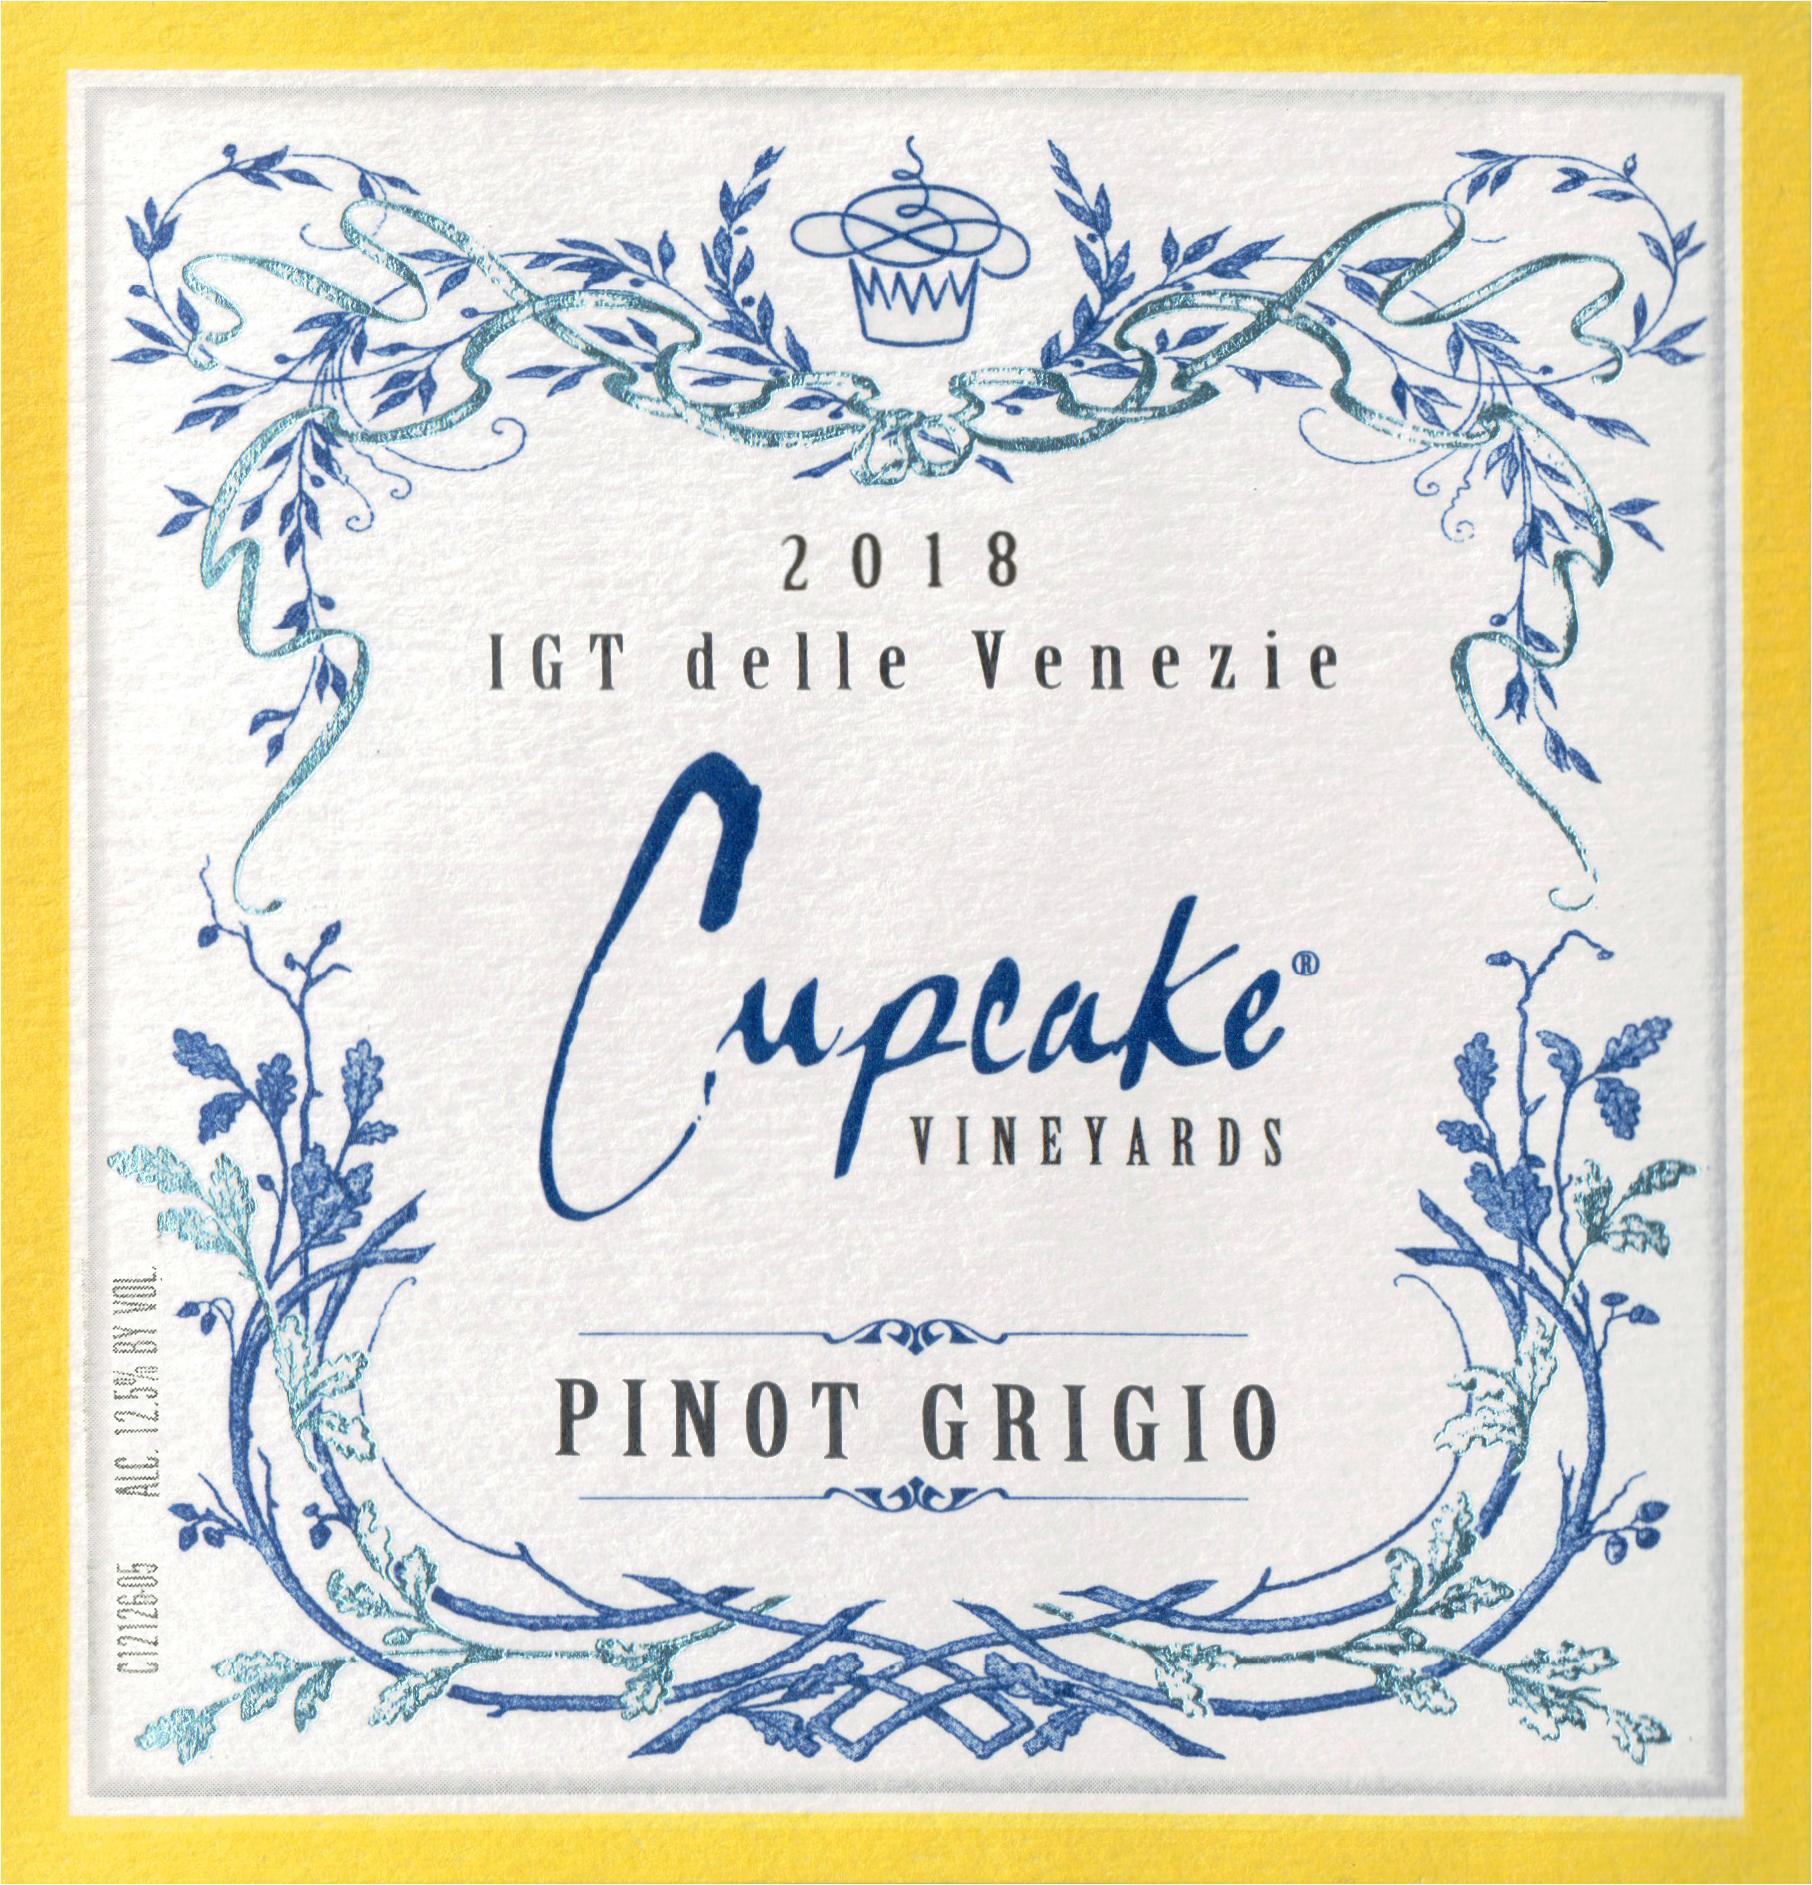 Cupcake Pinot Grigio 2018